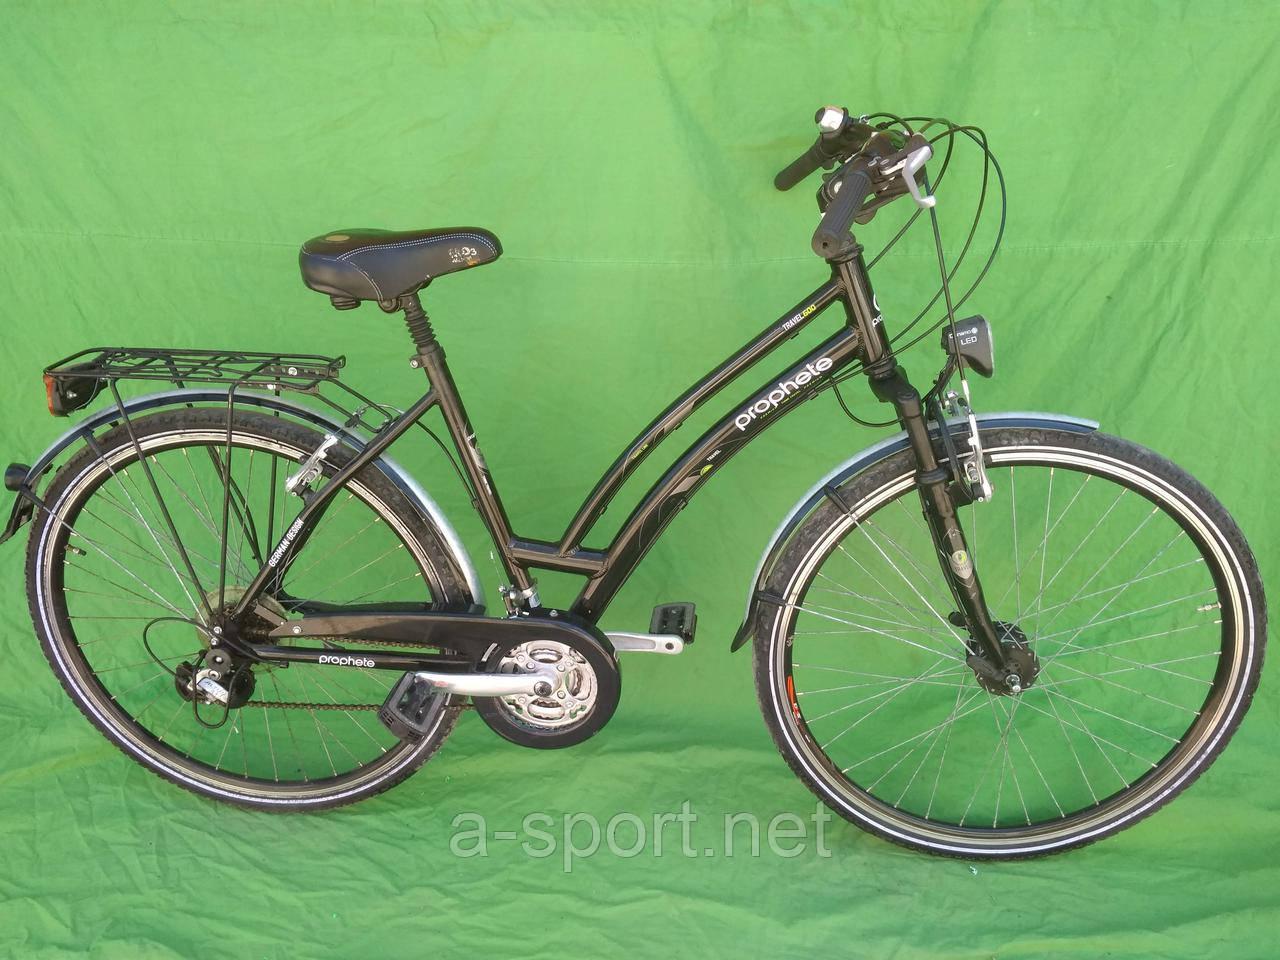 Жіночий велосипед, дамка Prophete, алюміній, динамо